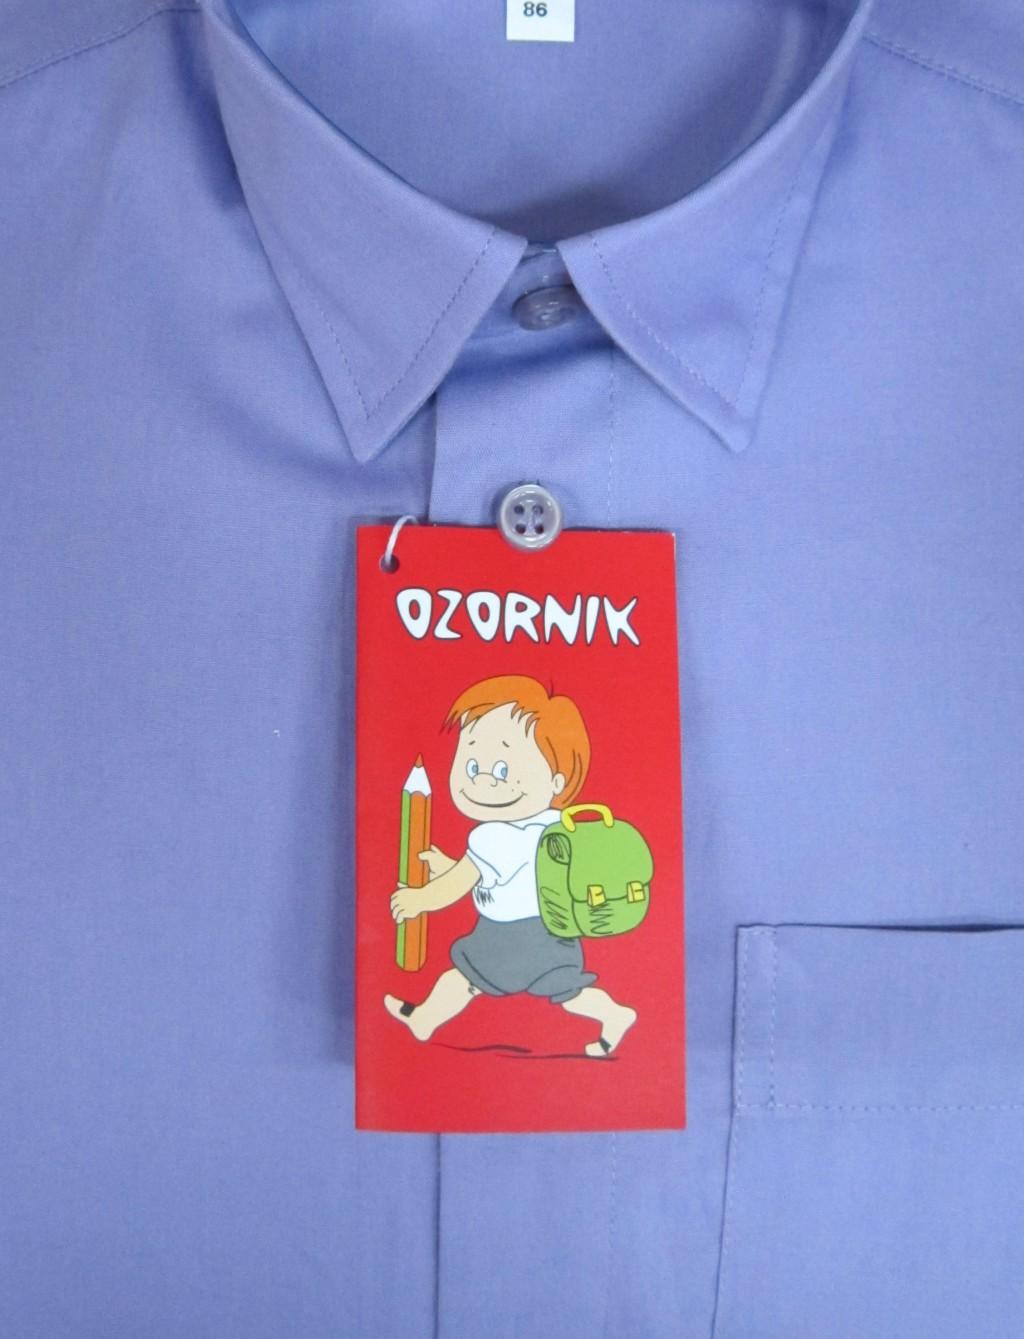 Те самые рубашки Ozornik! Для многих будет просто находка - рубашки на кнопках